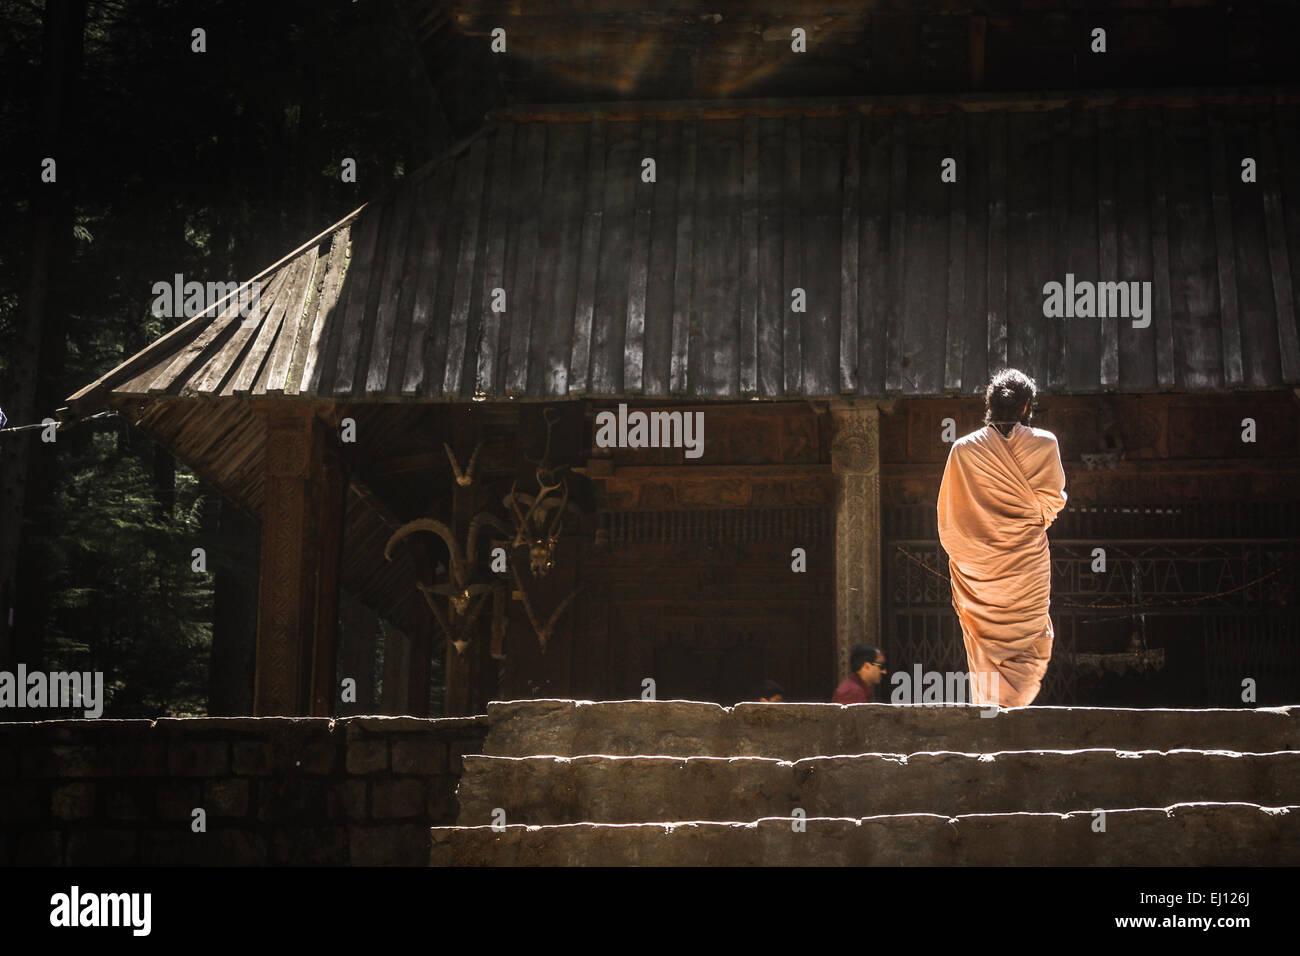 Silueta de un monje caminando en un templo en Manali, India Imagen De Stock